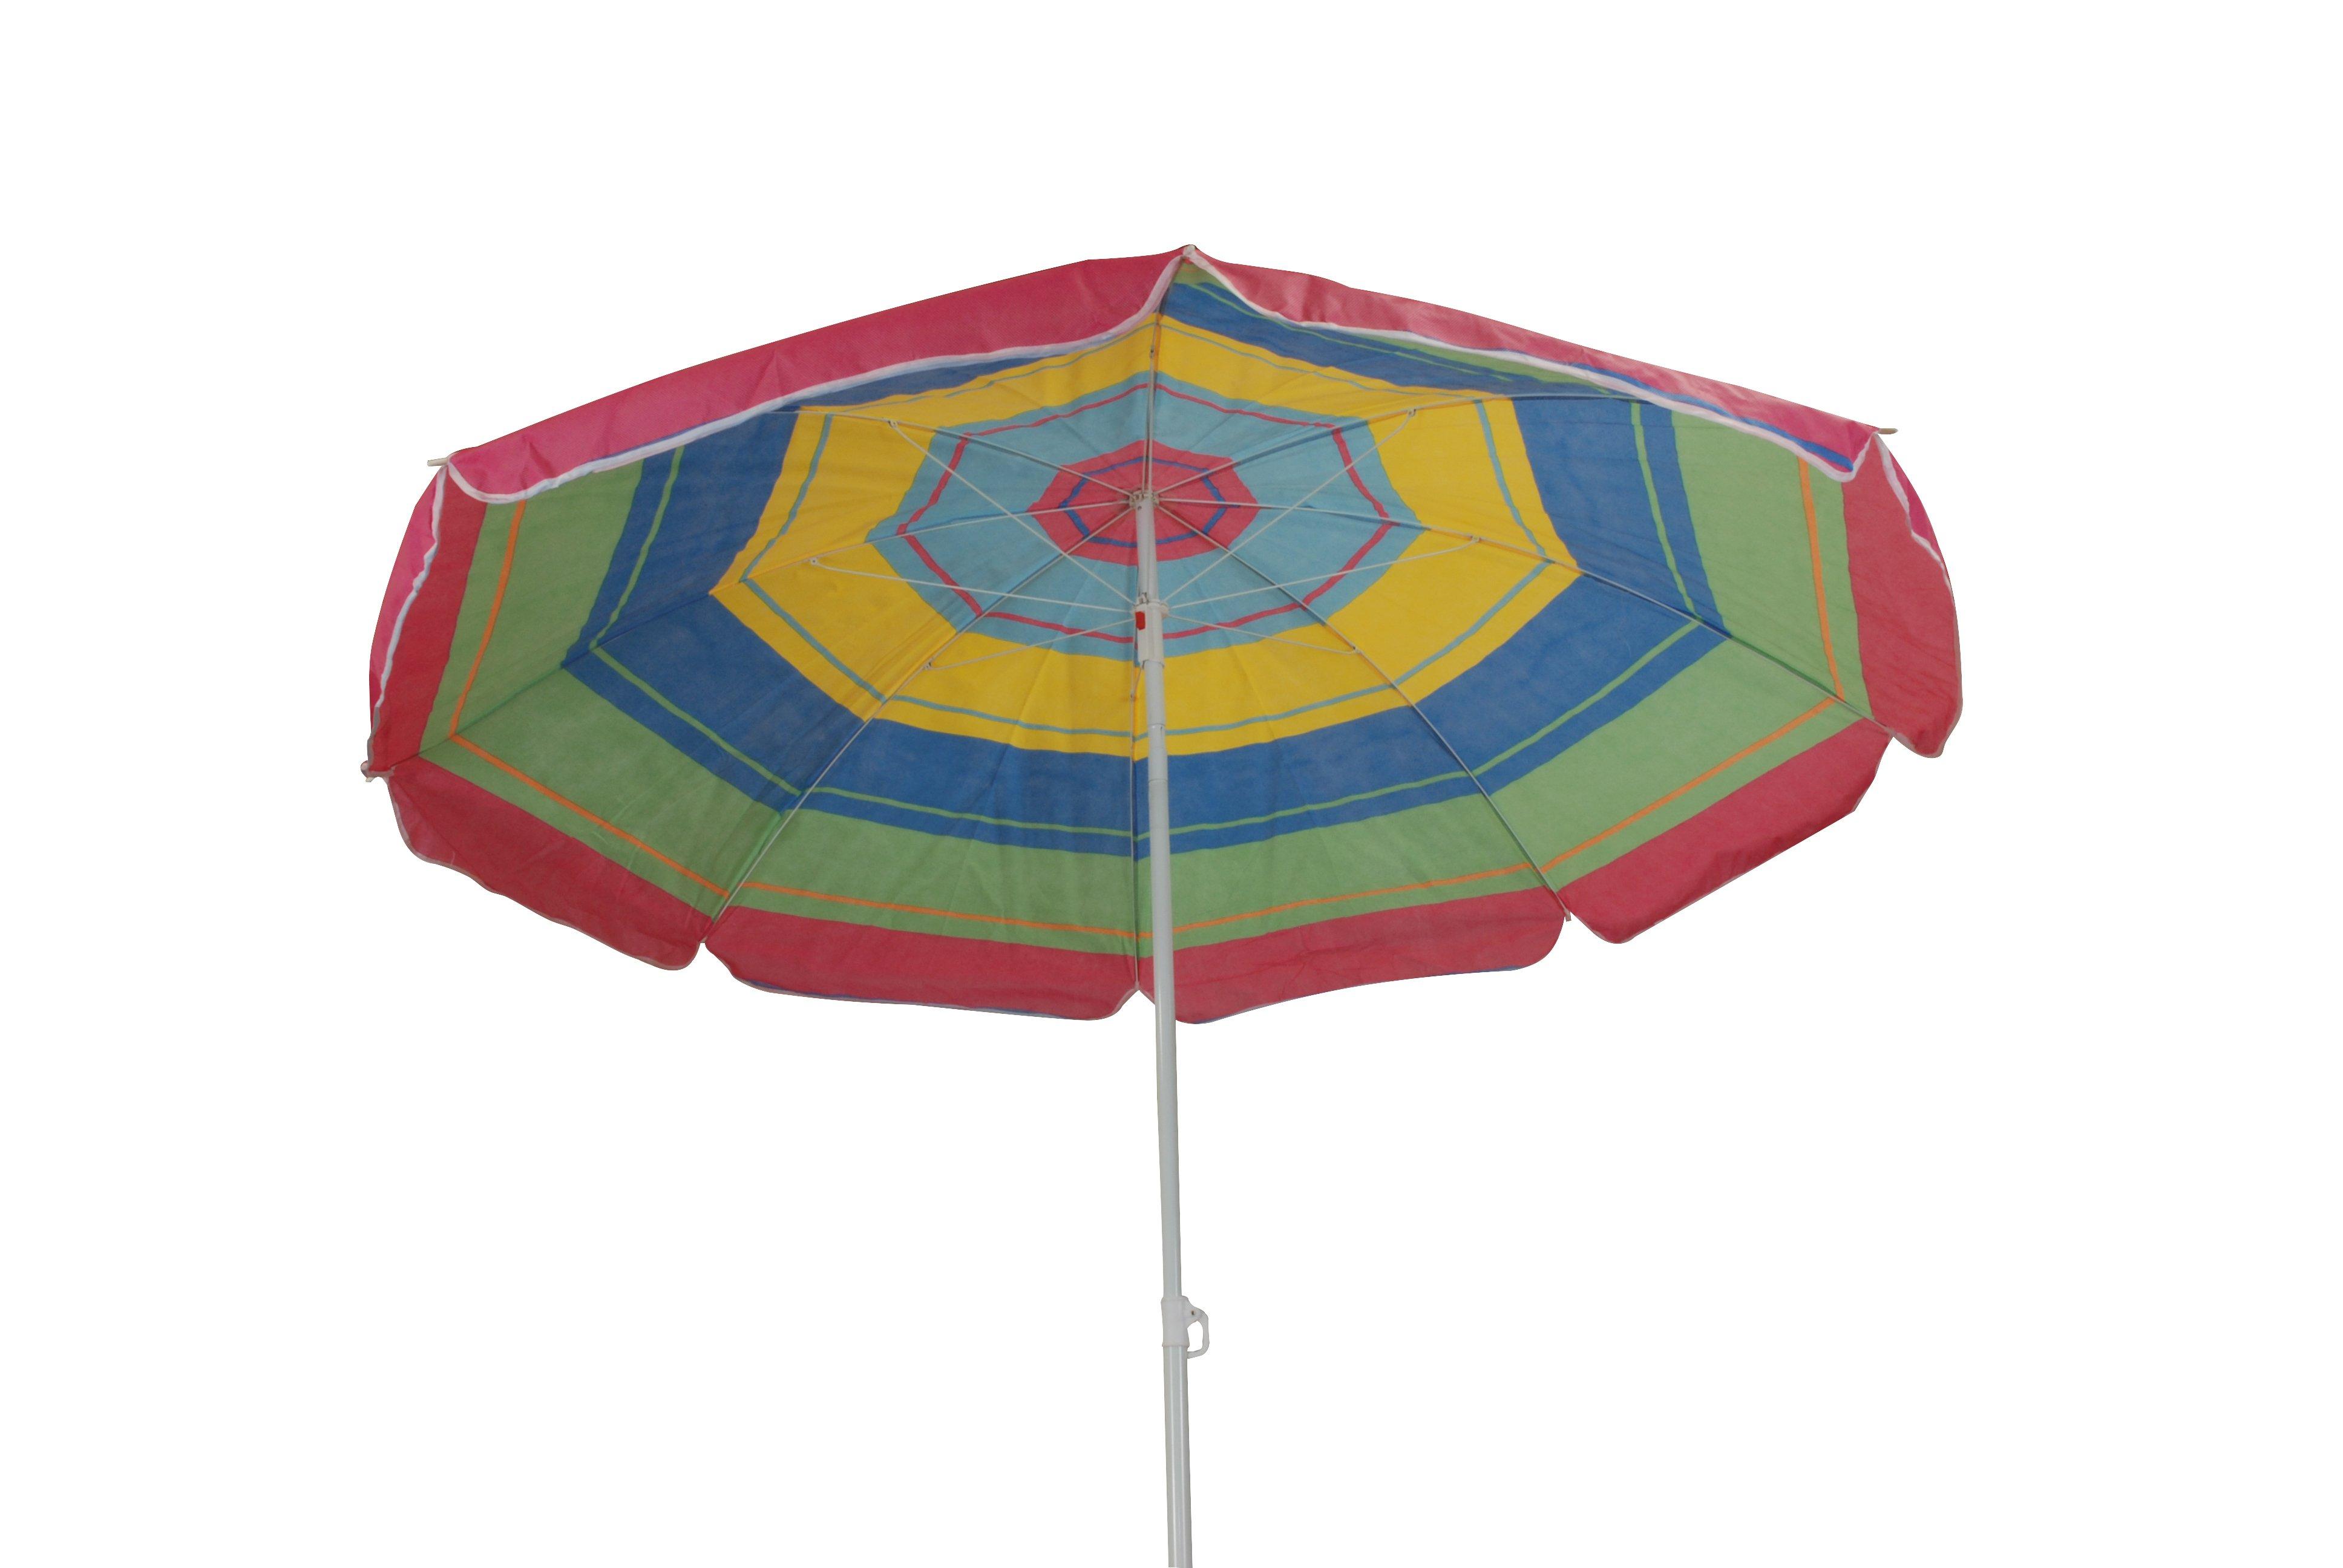 Ομπρέλες, Σκίαστρα